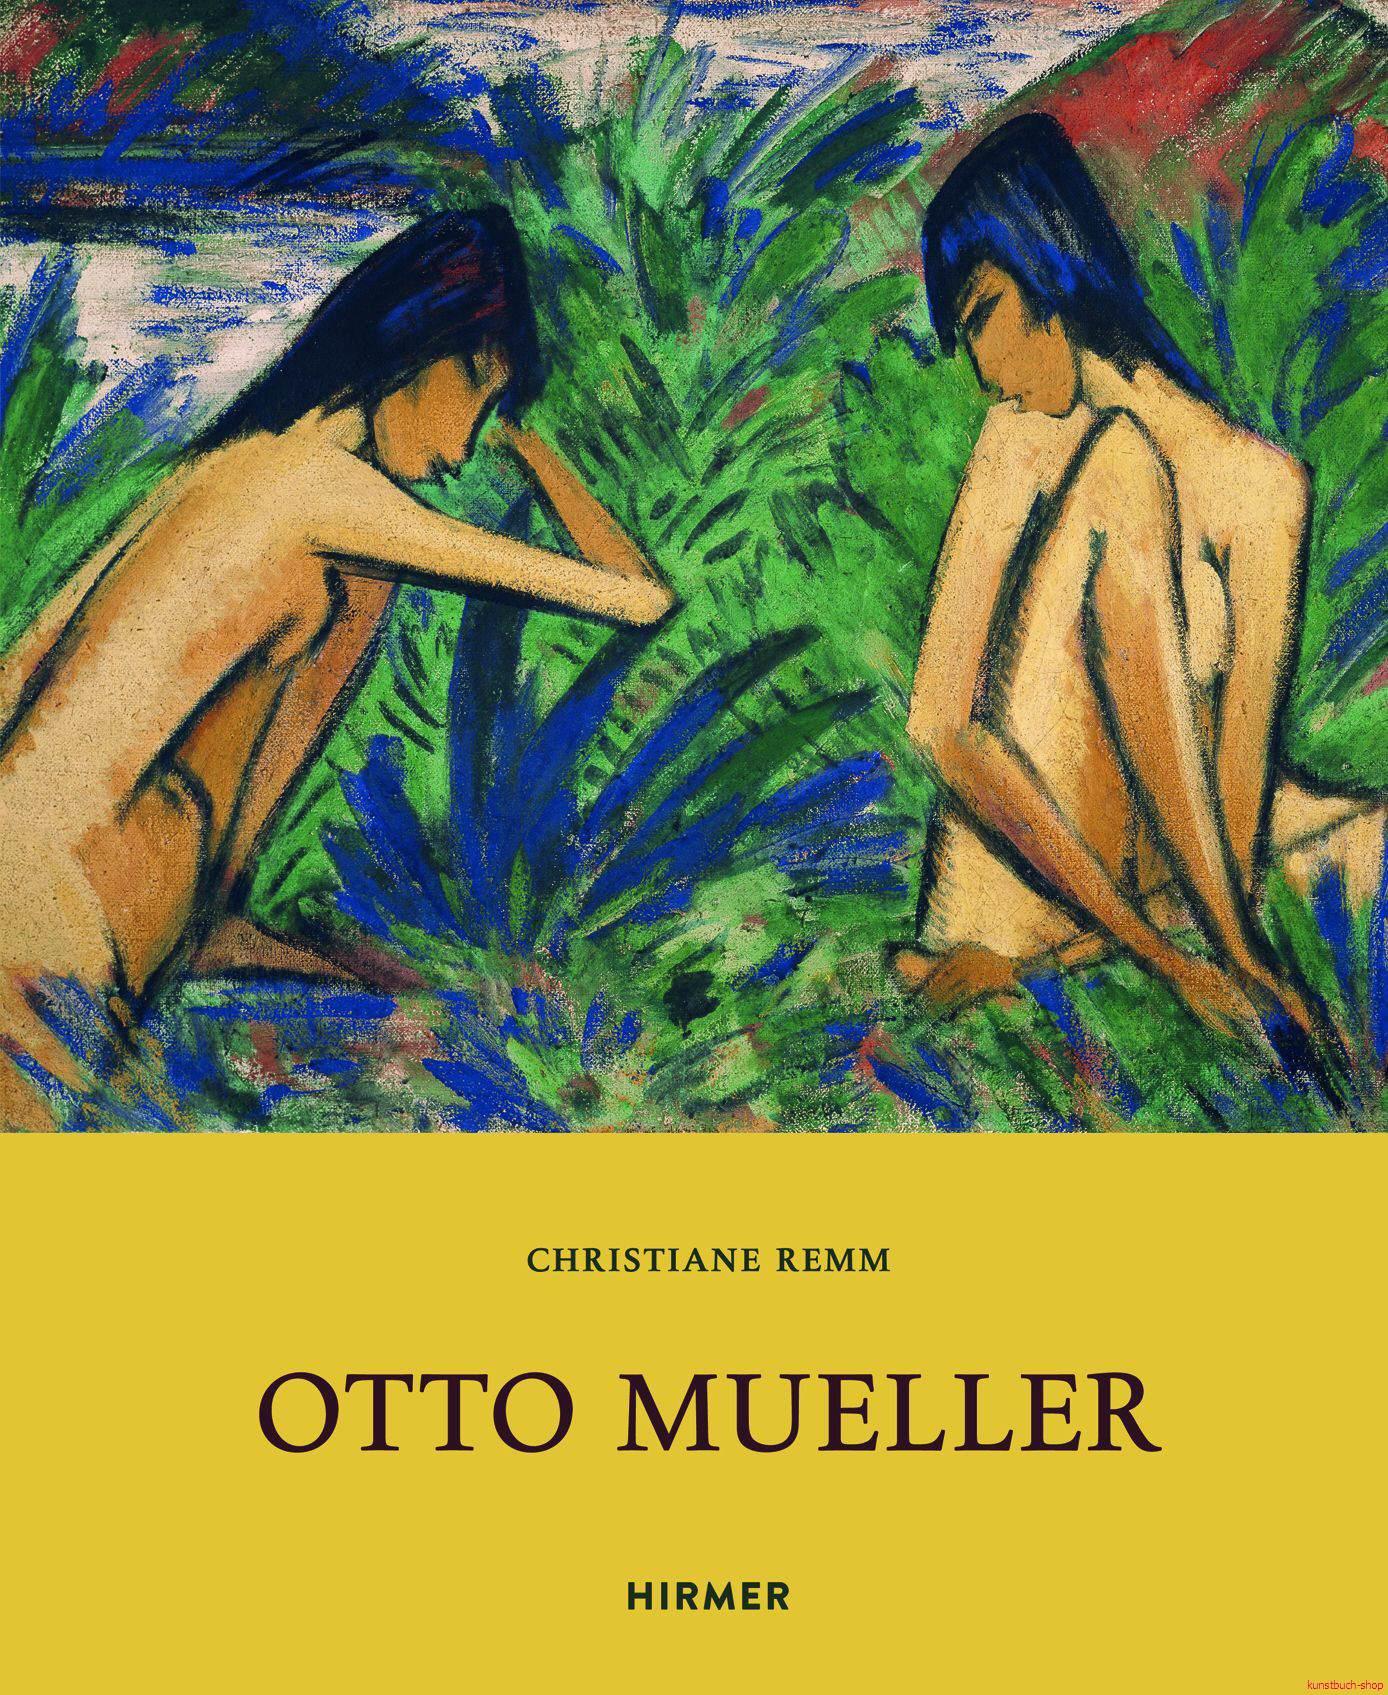 Otto Mueller  Ausstellungen in Berlin, Emden, Ravensberg in 2014-2016 - Christiane Remm